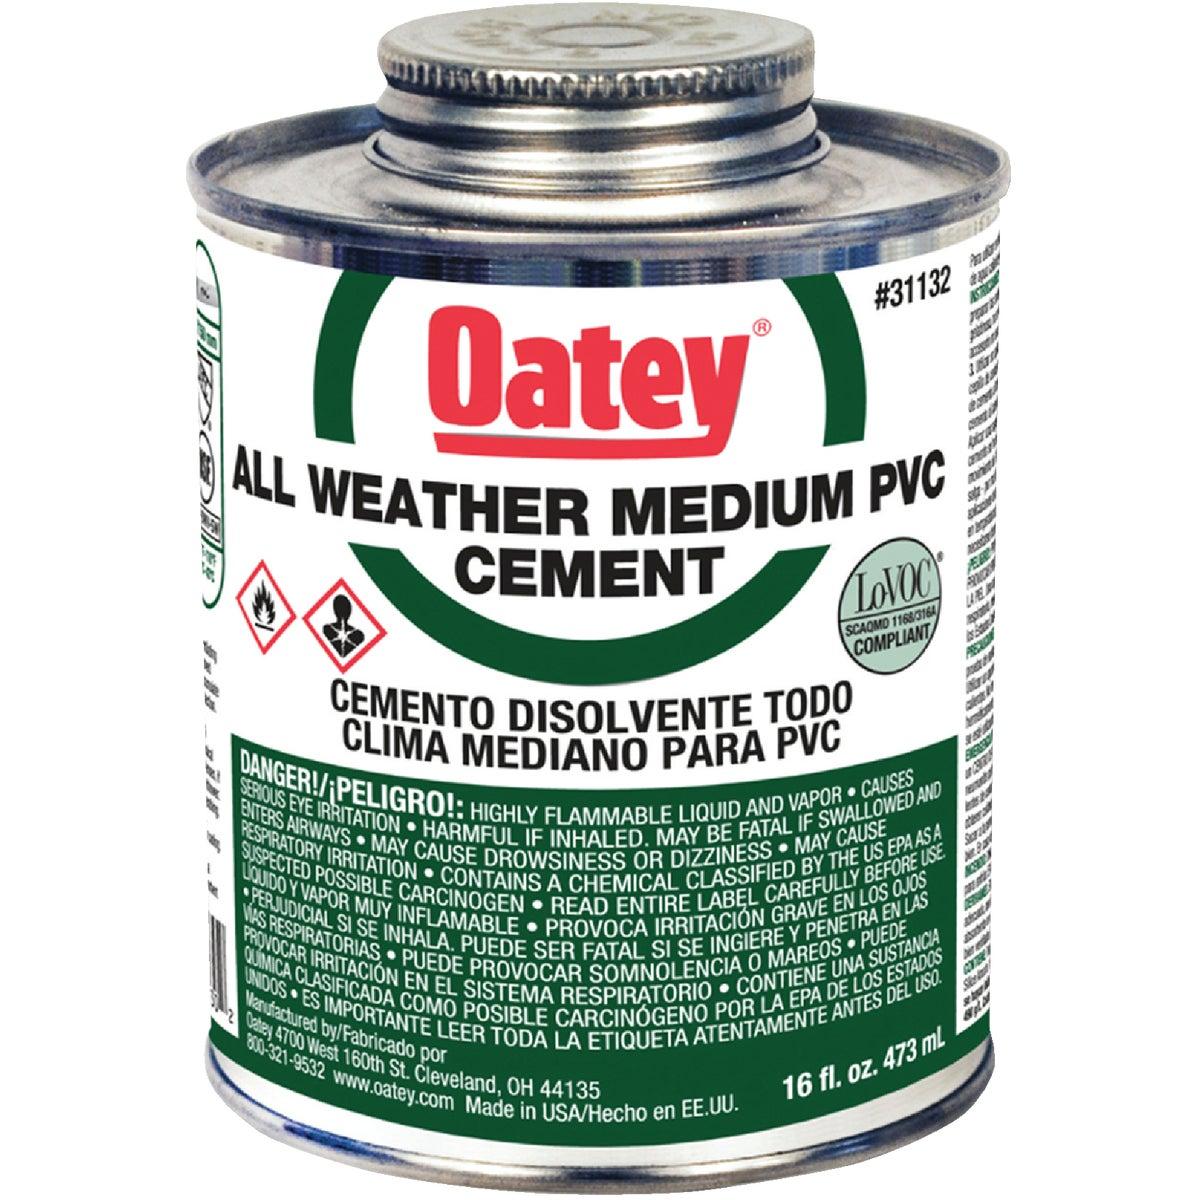 Oatey PINT PVC CEMENT 31132